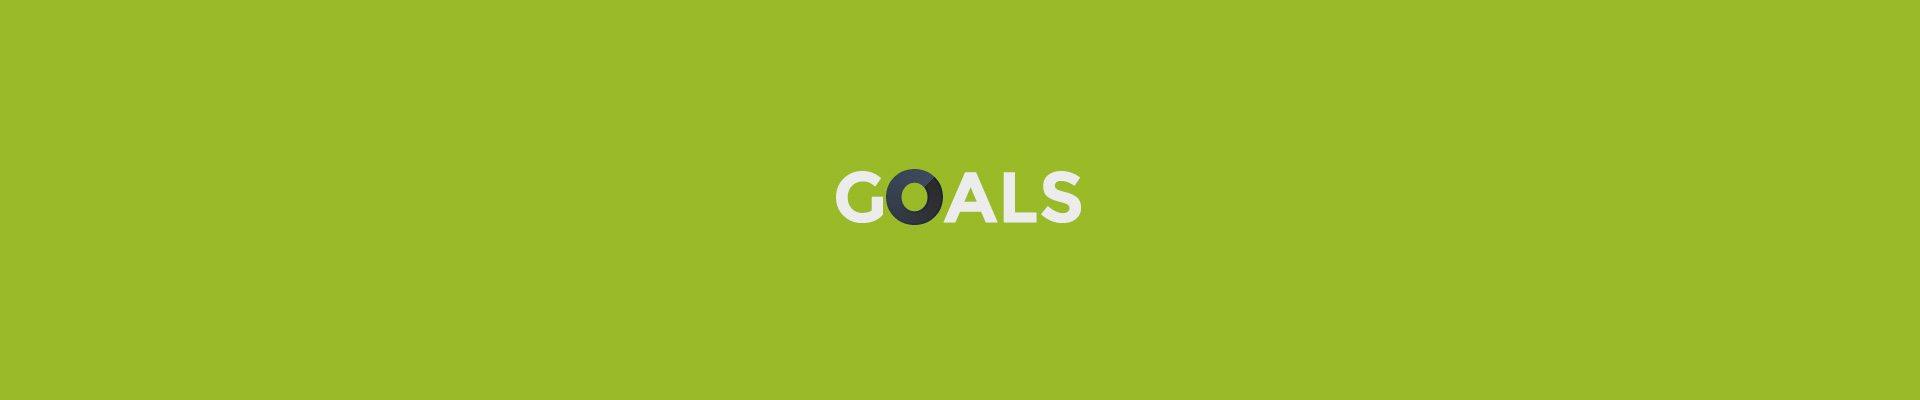 Popup Campaign Goals